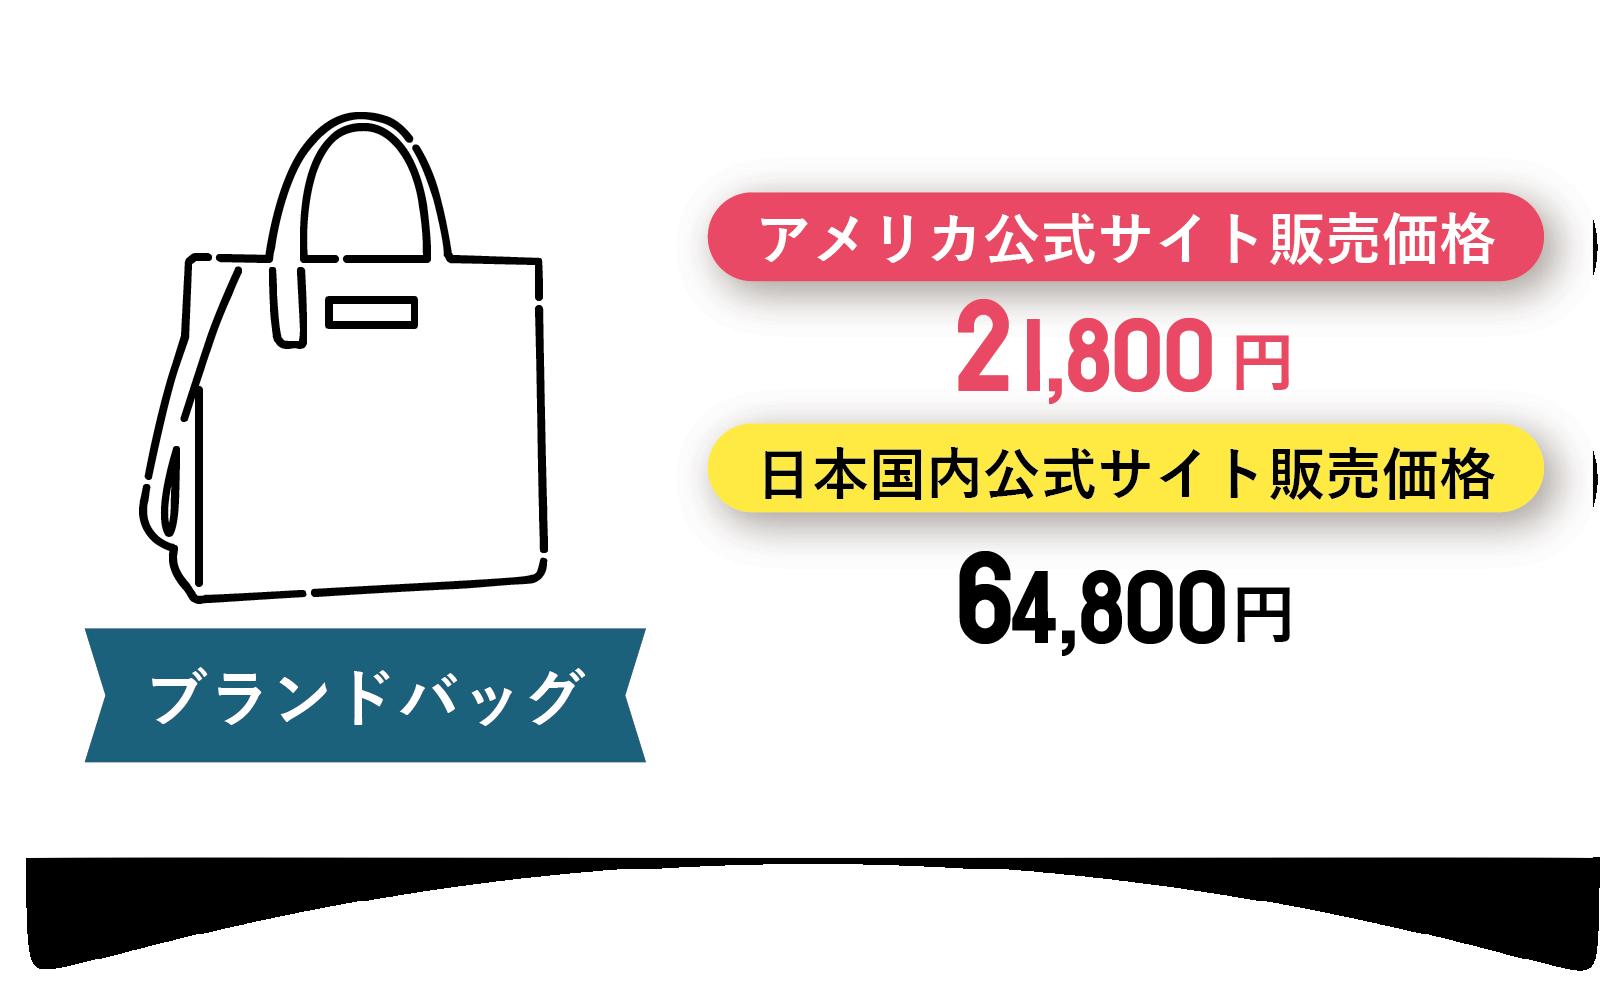 ブランドバッグの海外との価格差